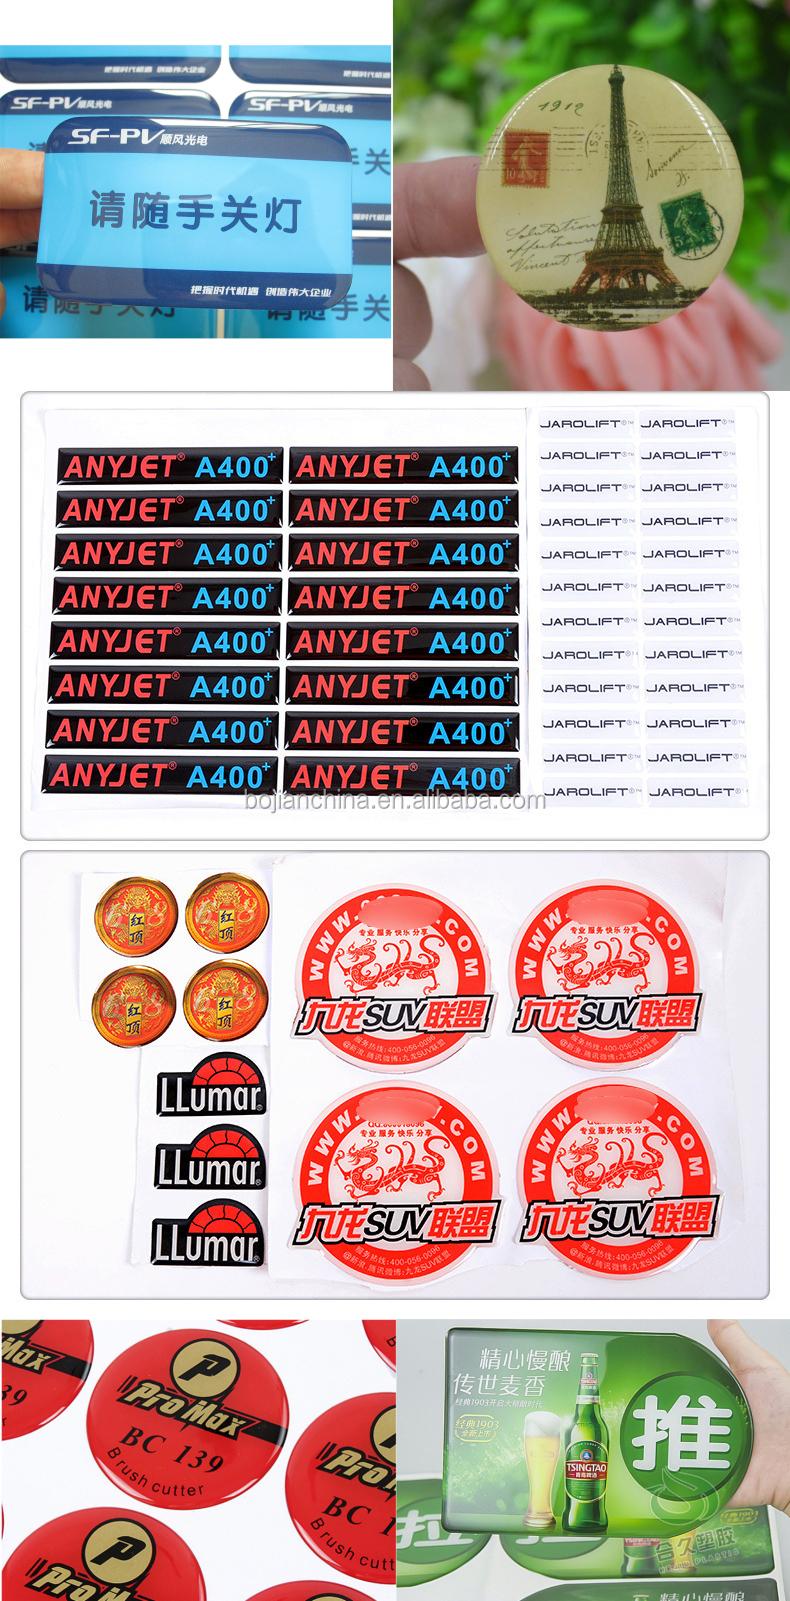 Bojian China aangepaste papier stickers zeefdruk epoxy hars sticker logo print transparante sticker beste kwaliteit